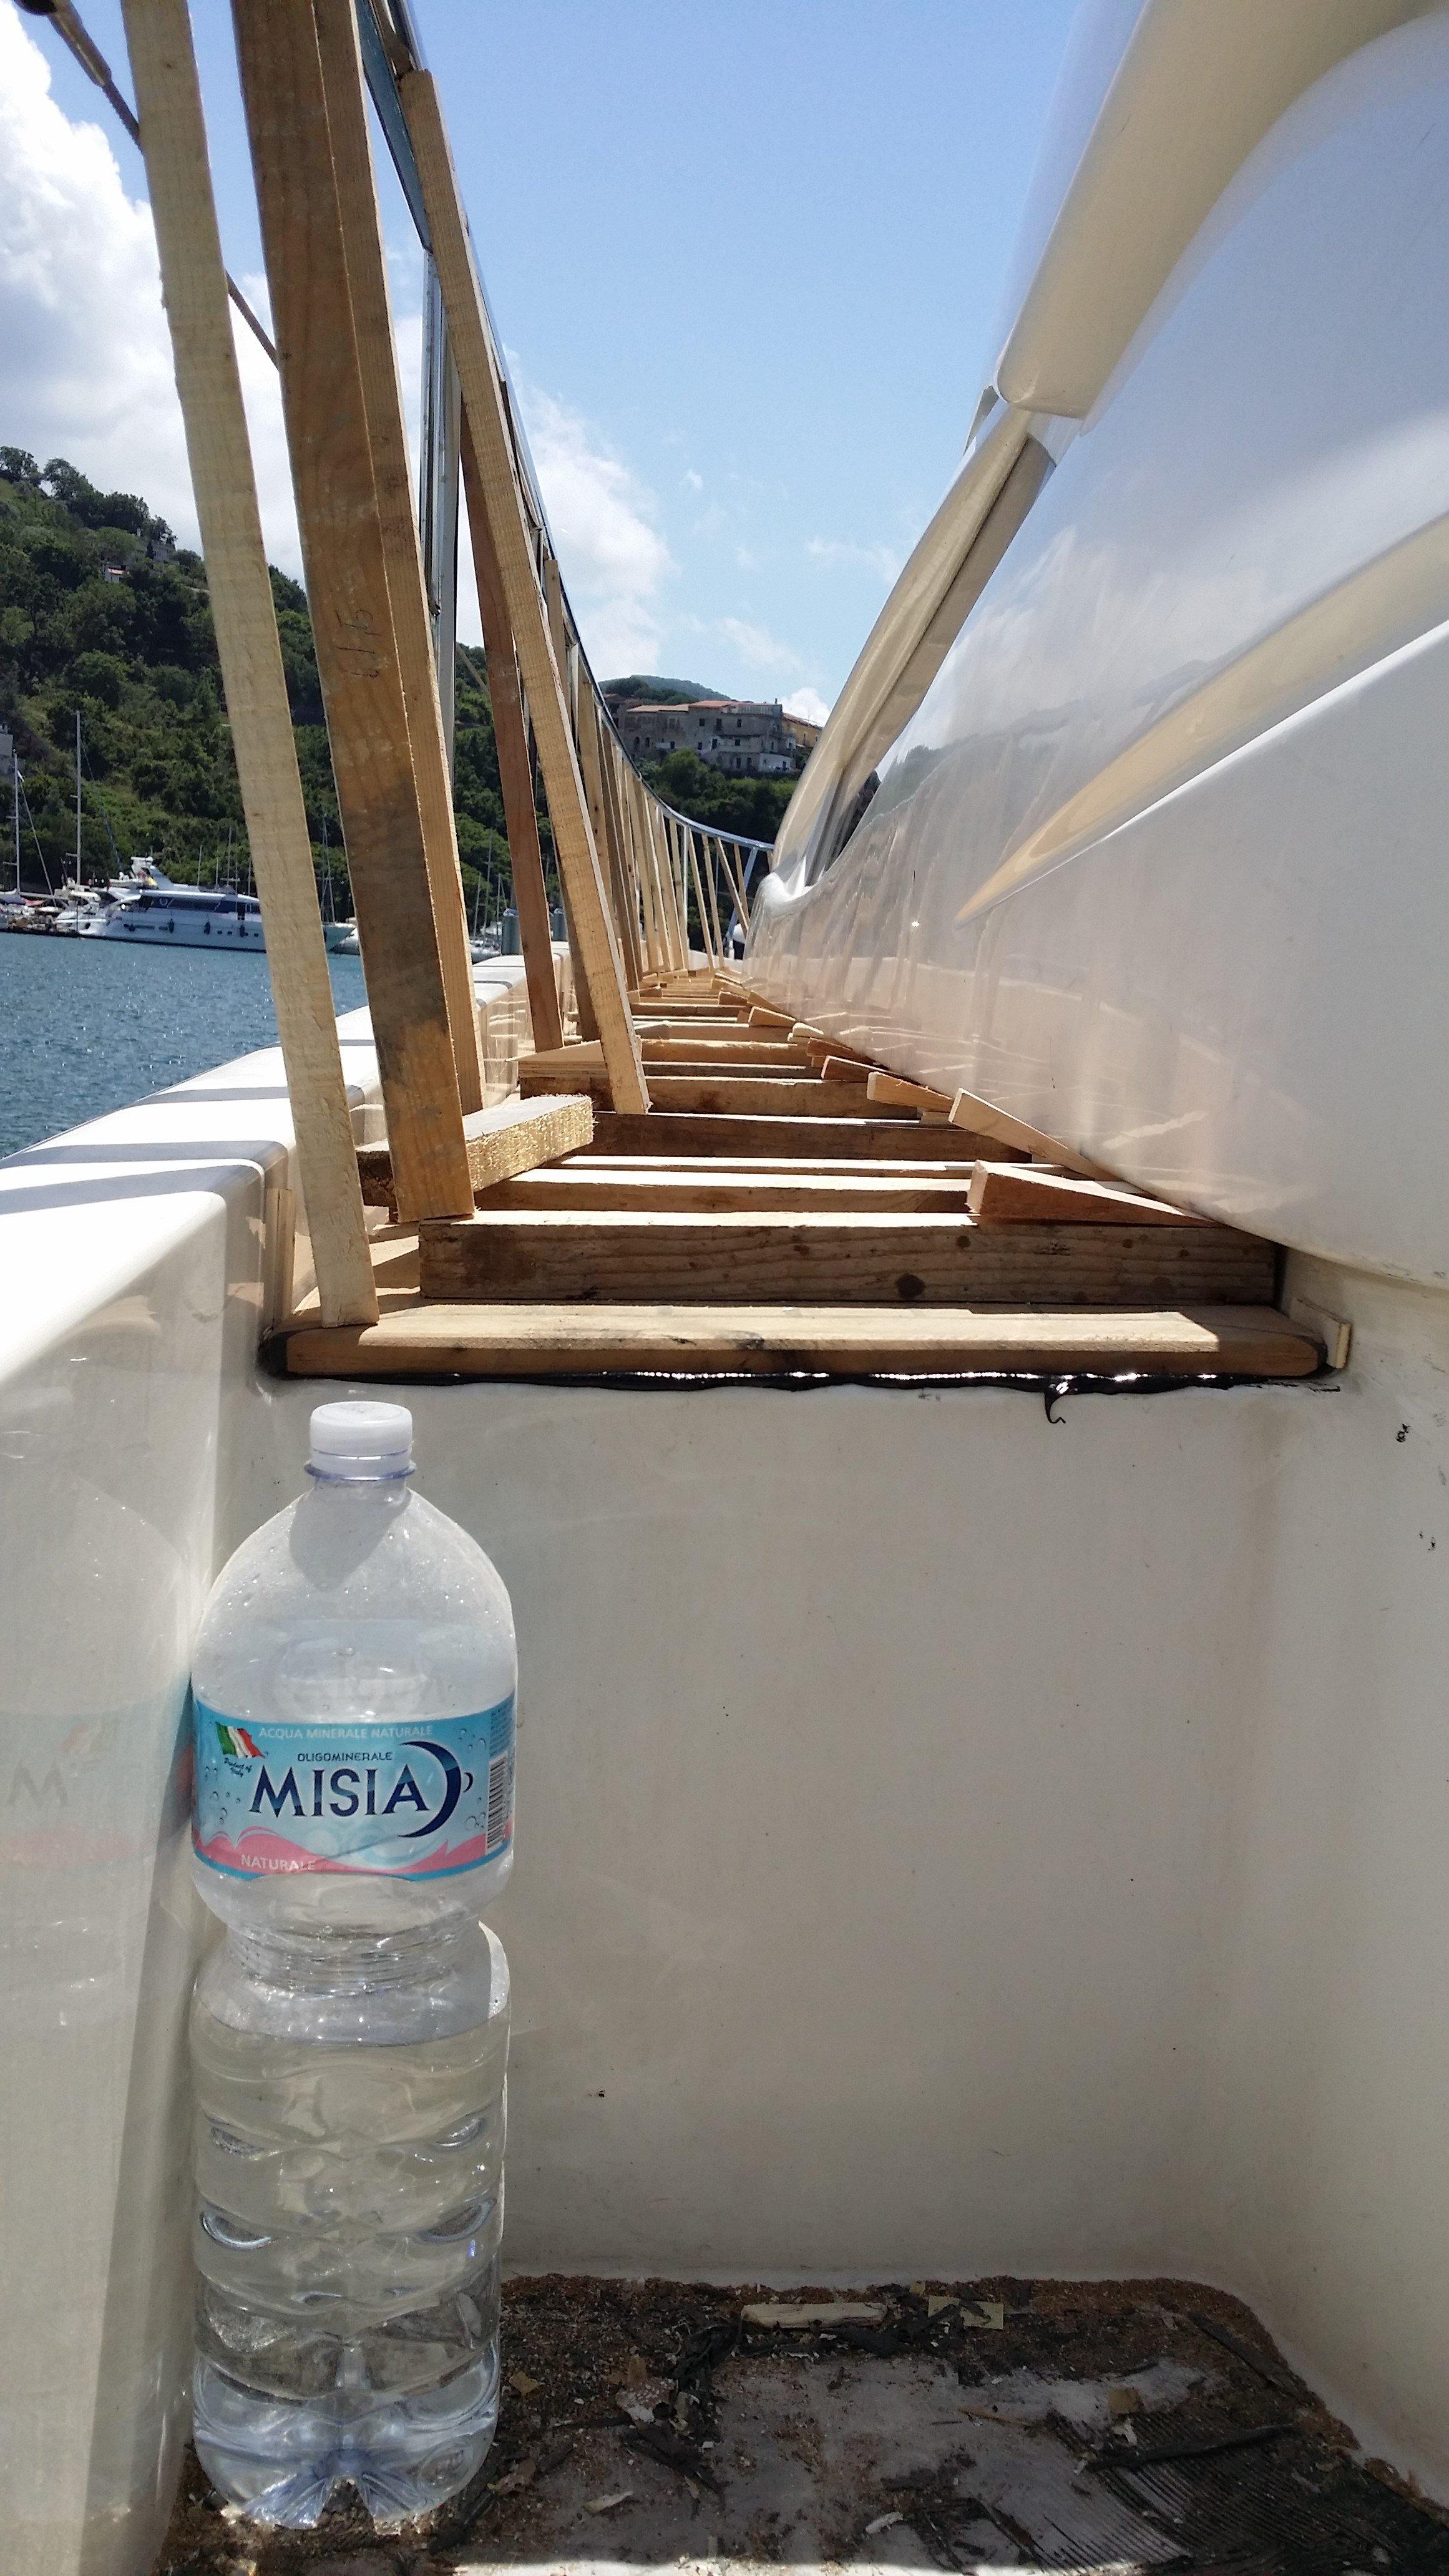 posti al coperto per barche